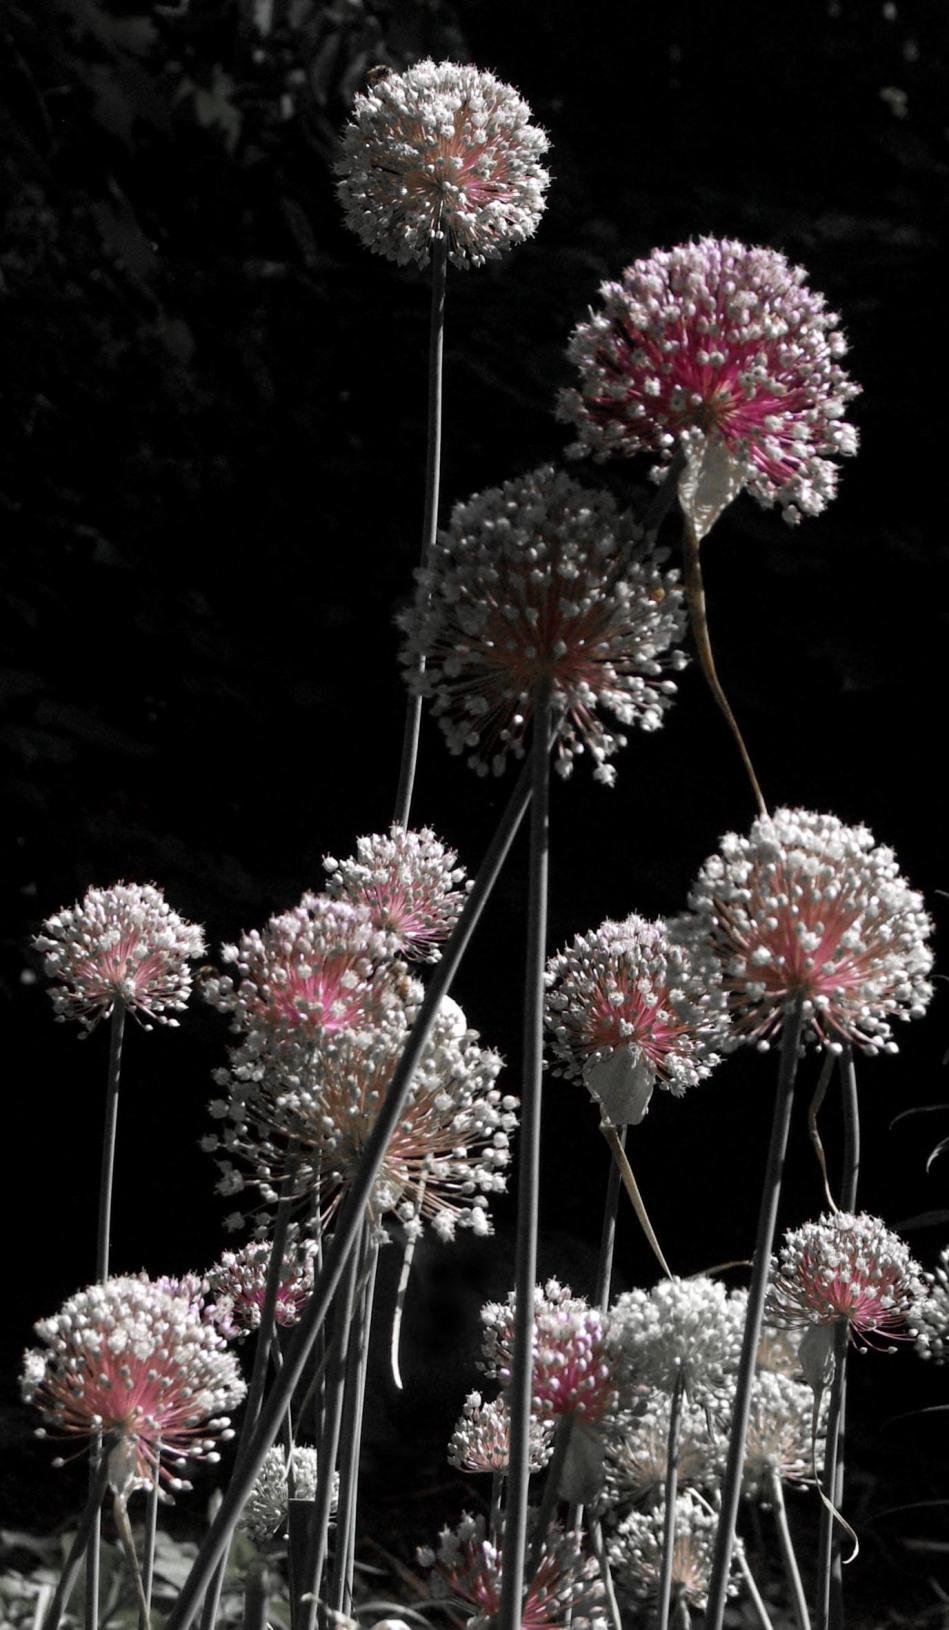 leek flowers desaturated